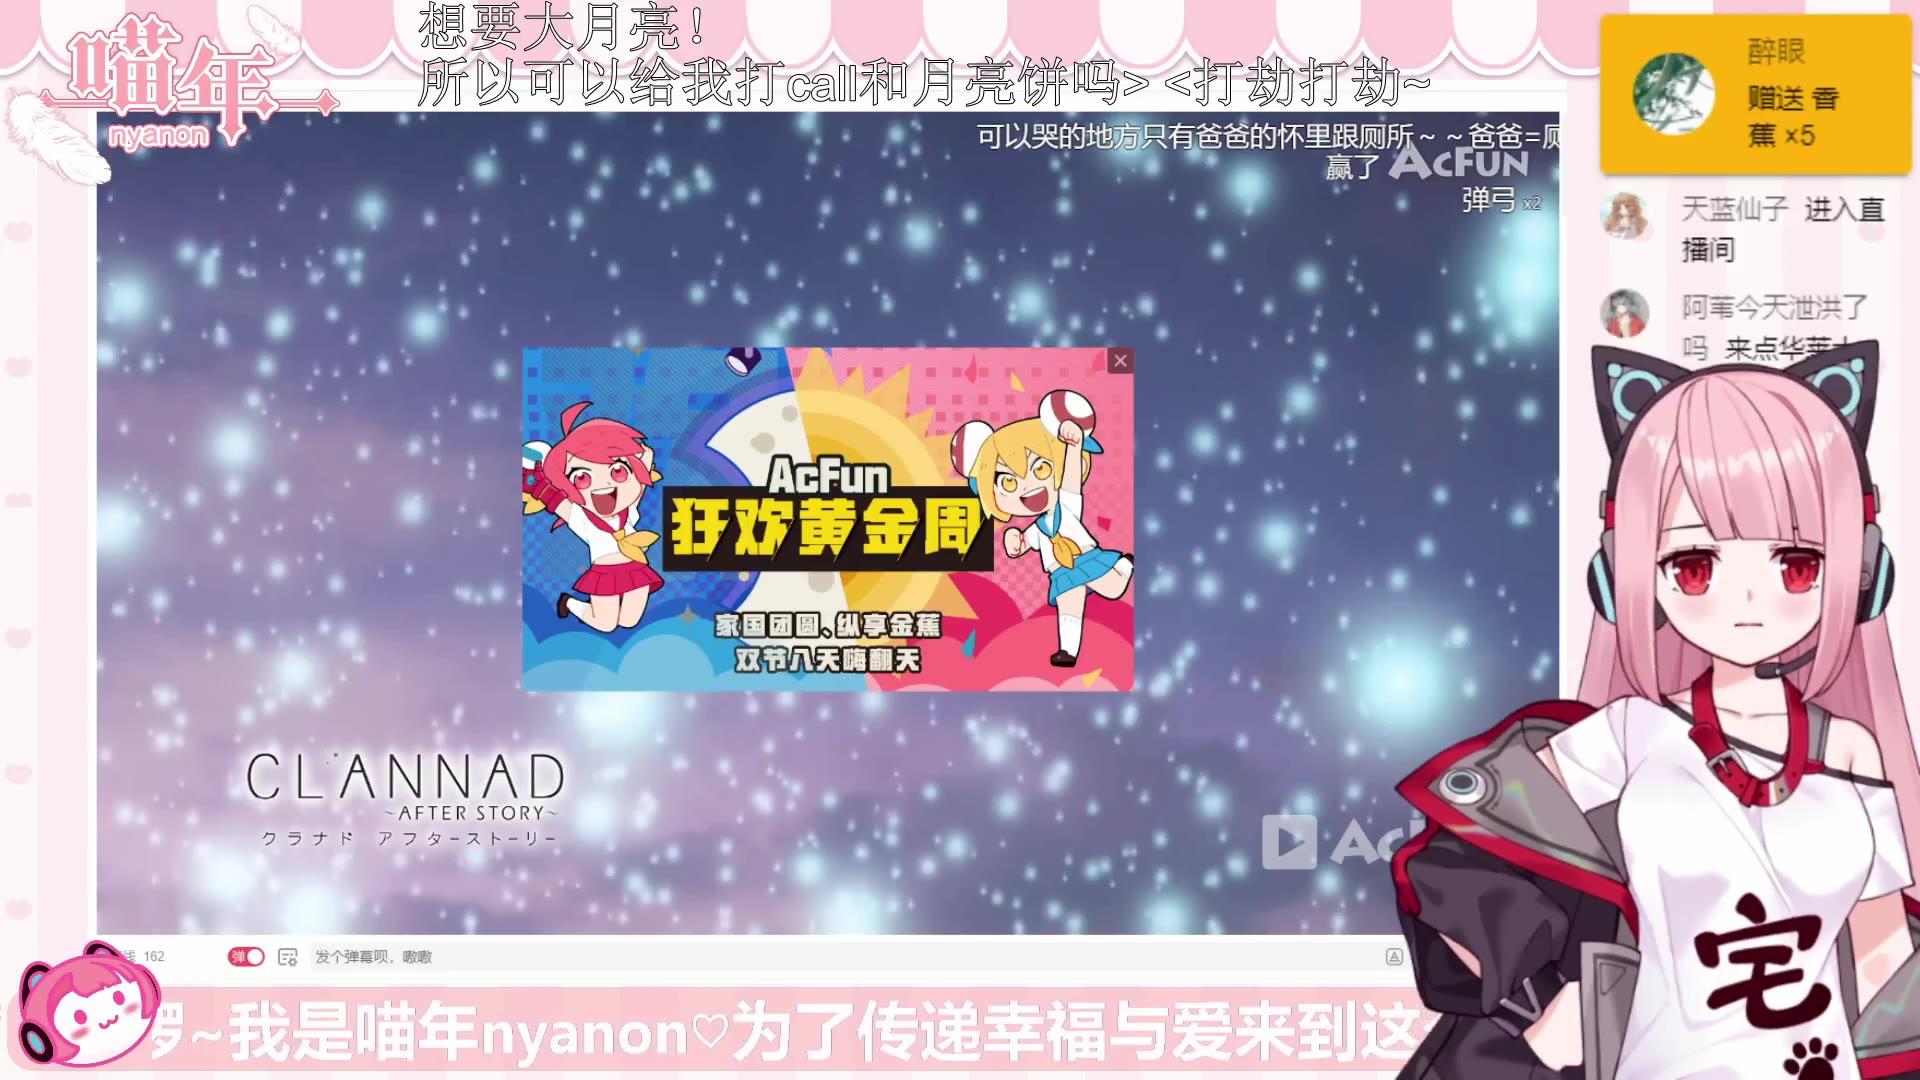 【录播】喵年nyanon_channel 【中秋】听听歌聊聊天 (2020-10-03)